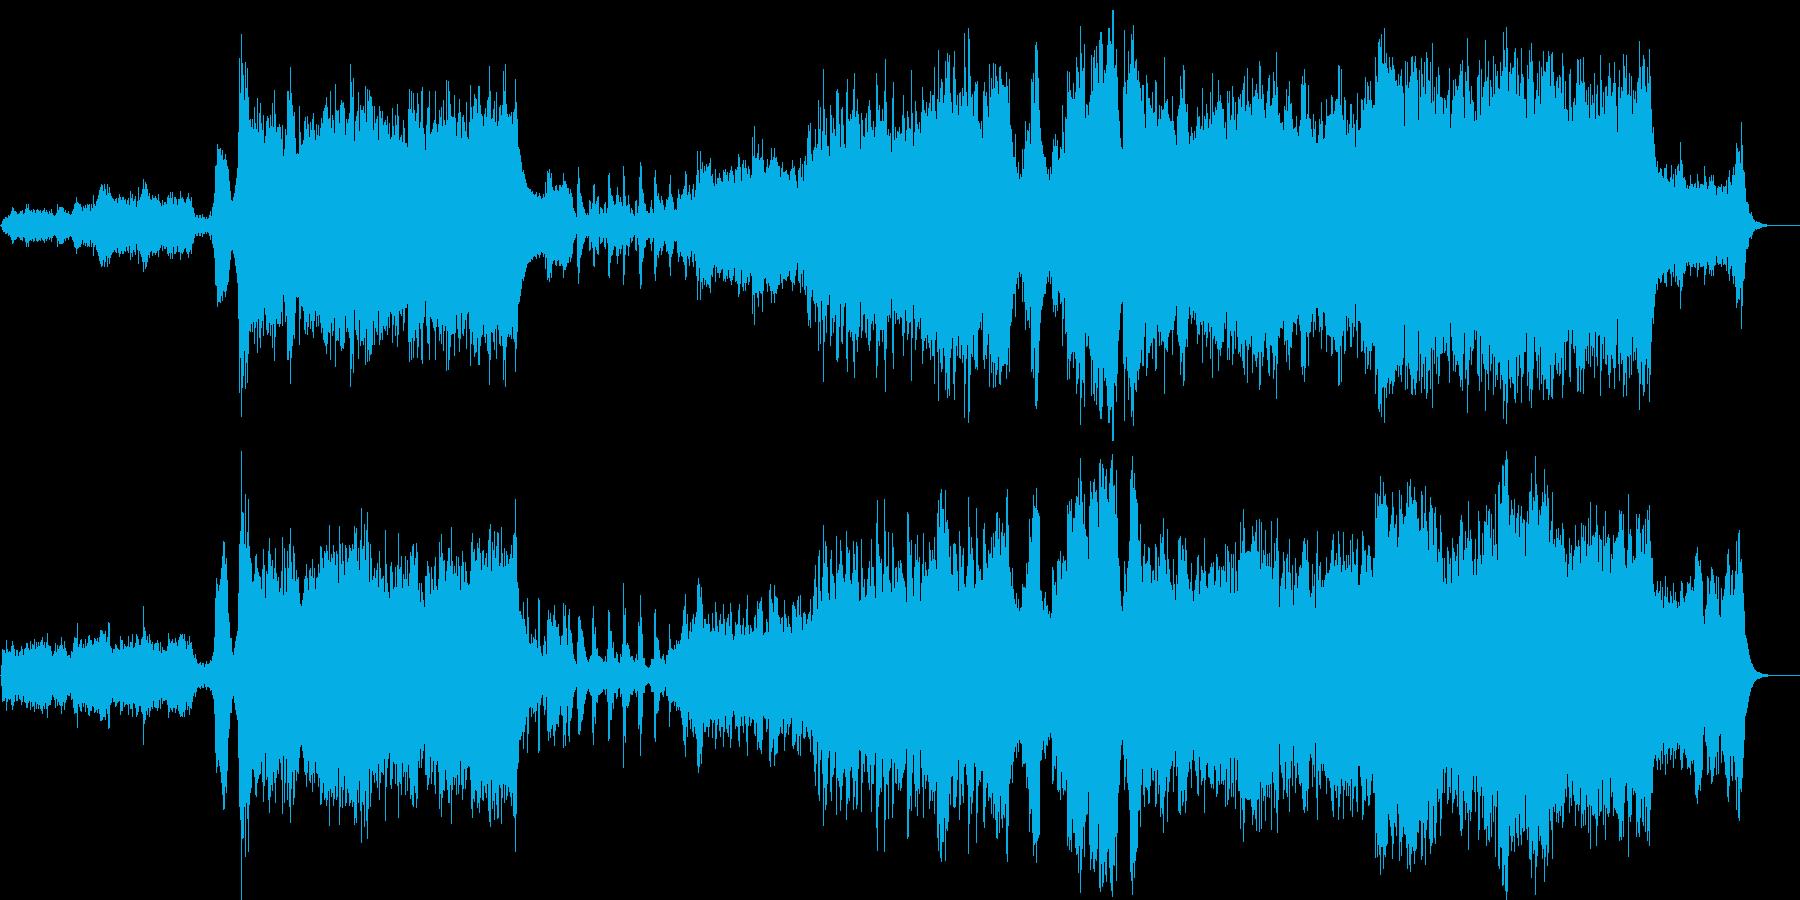 江戸、吉原をイメージ!和風オーケストラ曲の再生済みの波形